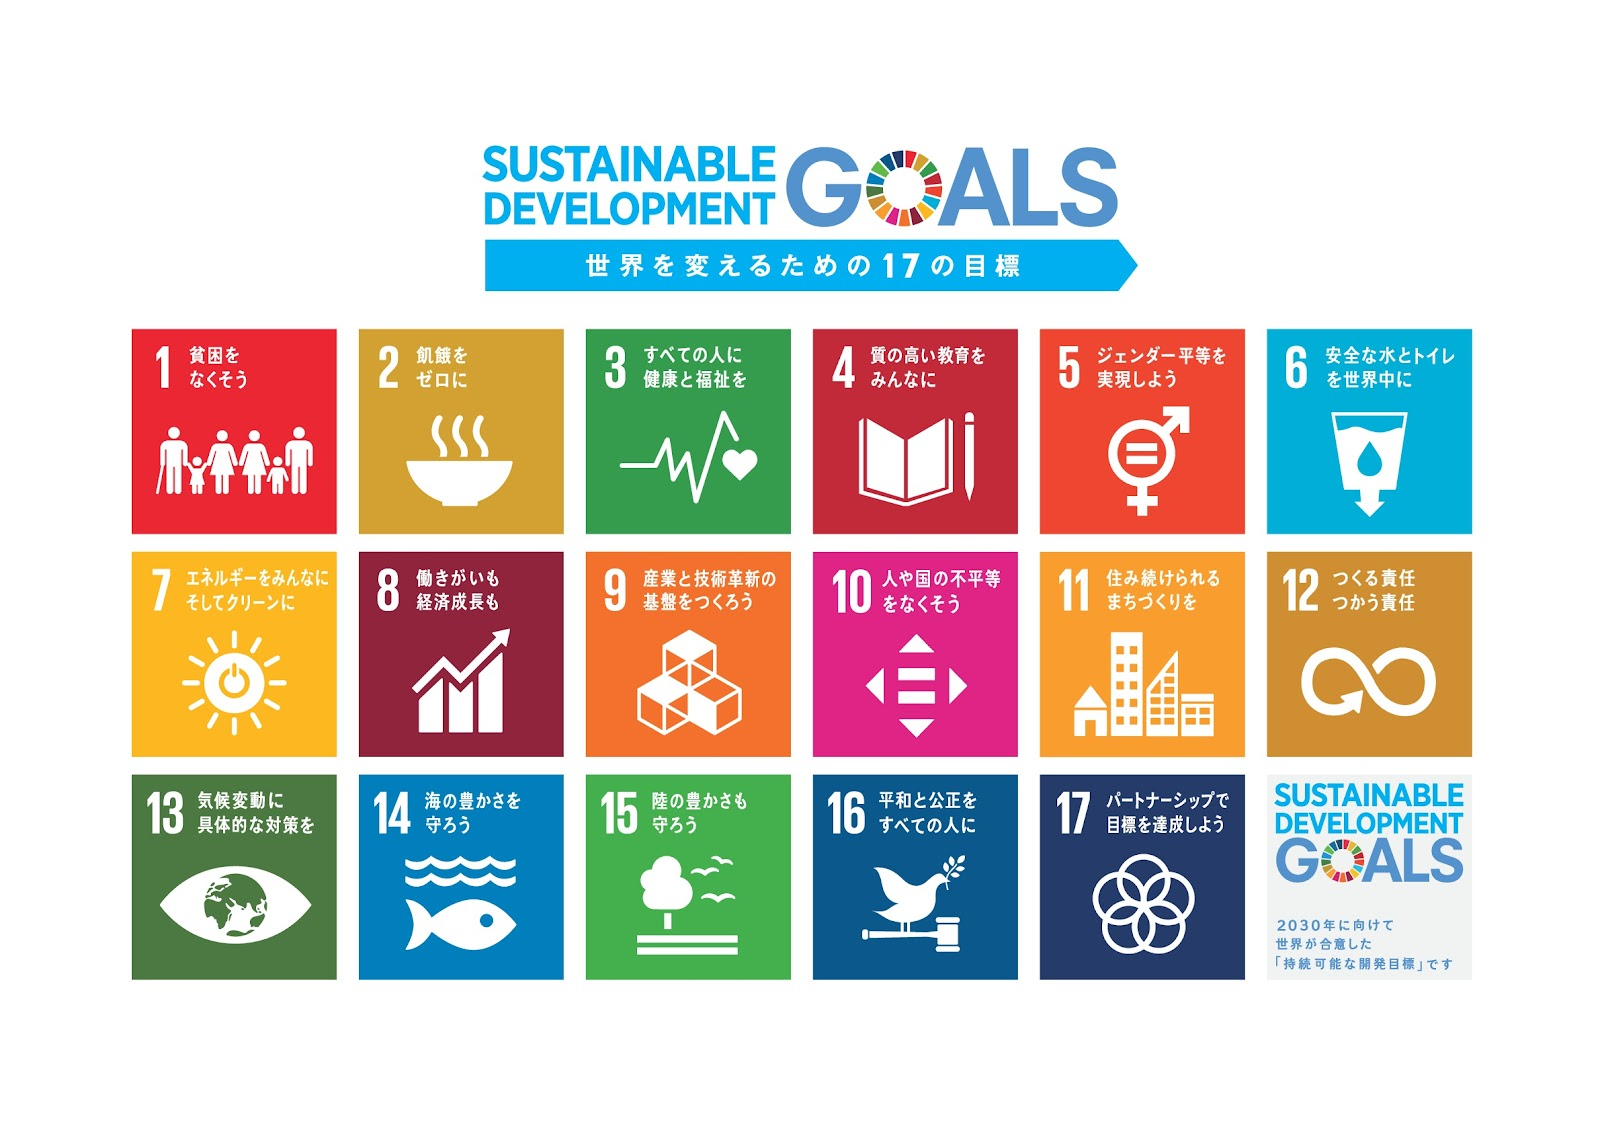 ▲「持続可能な開発目標」(SDGs、Sustainable Development Goals)/国際連合広報センターより